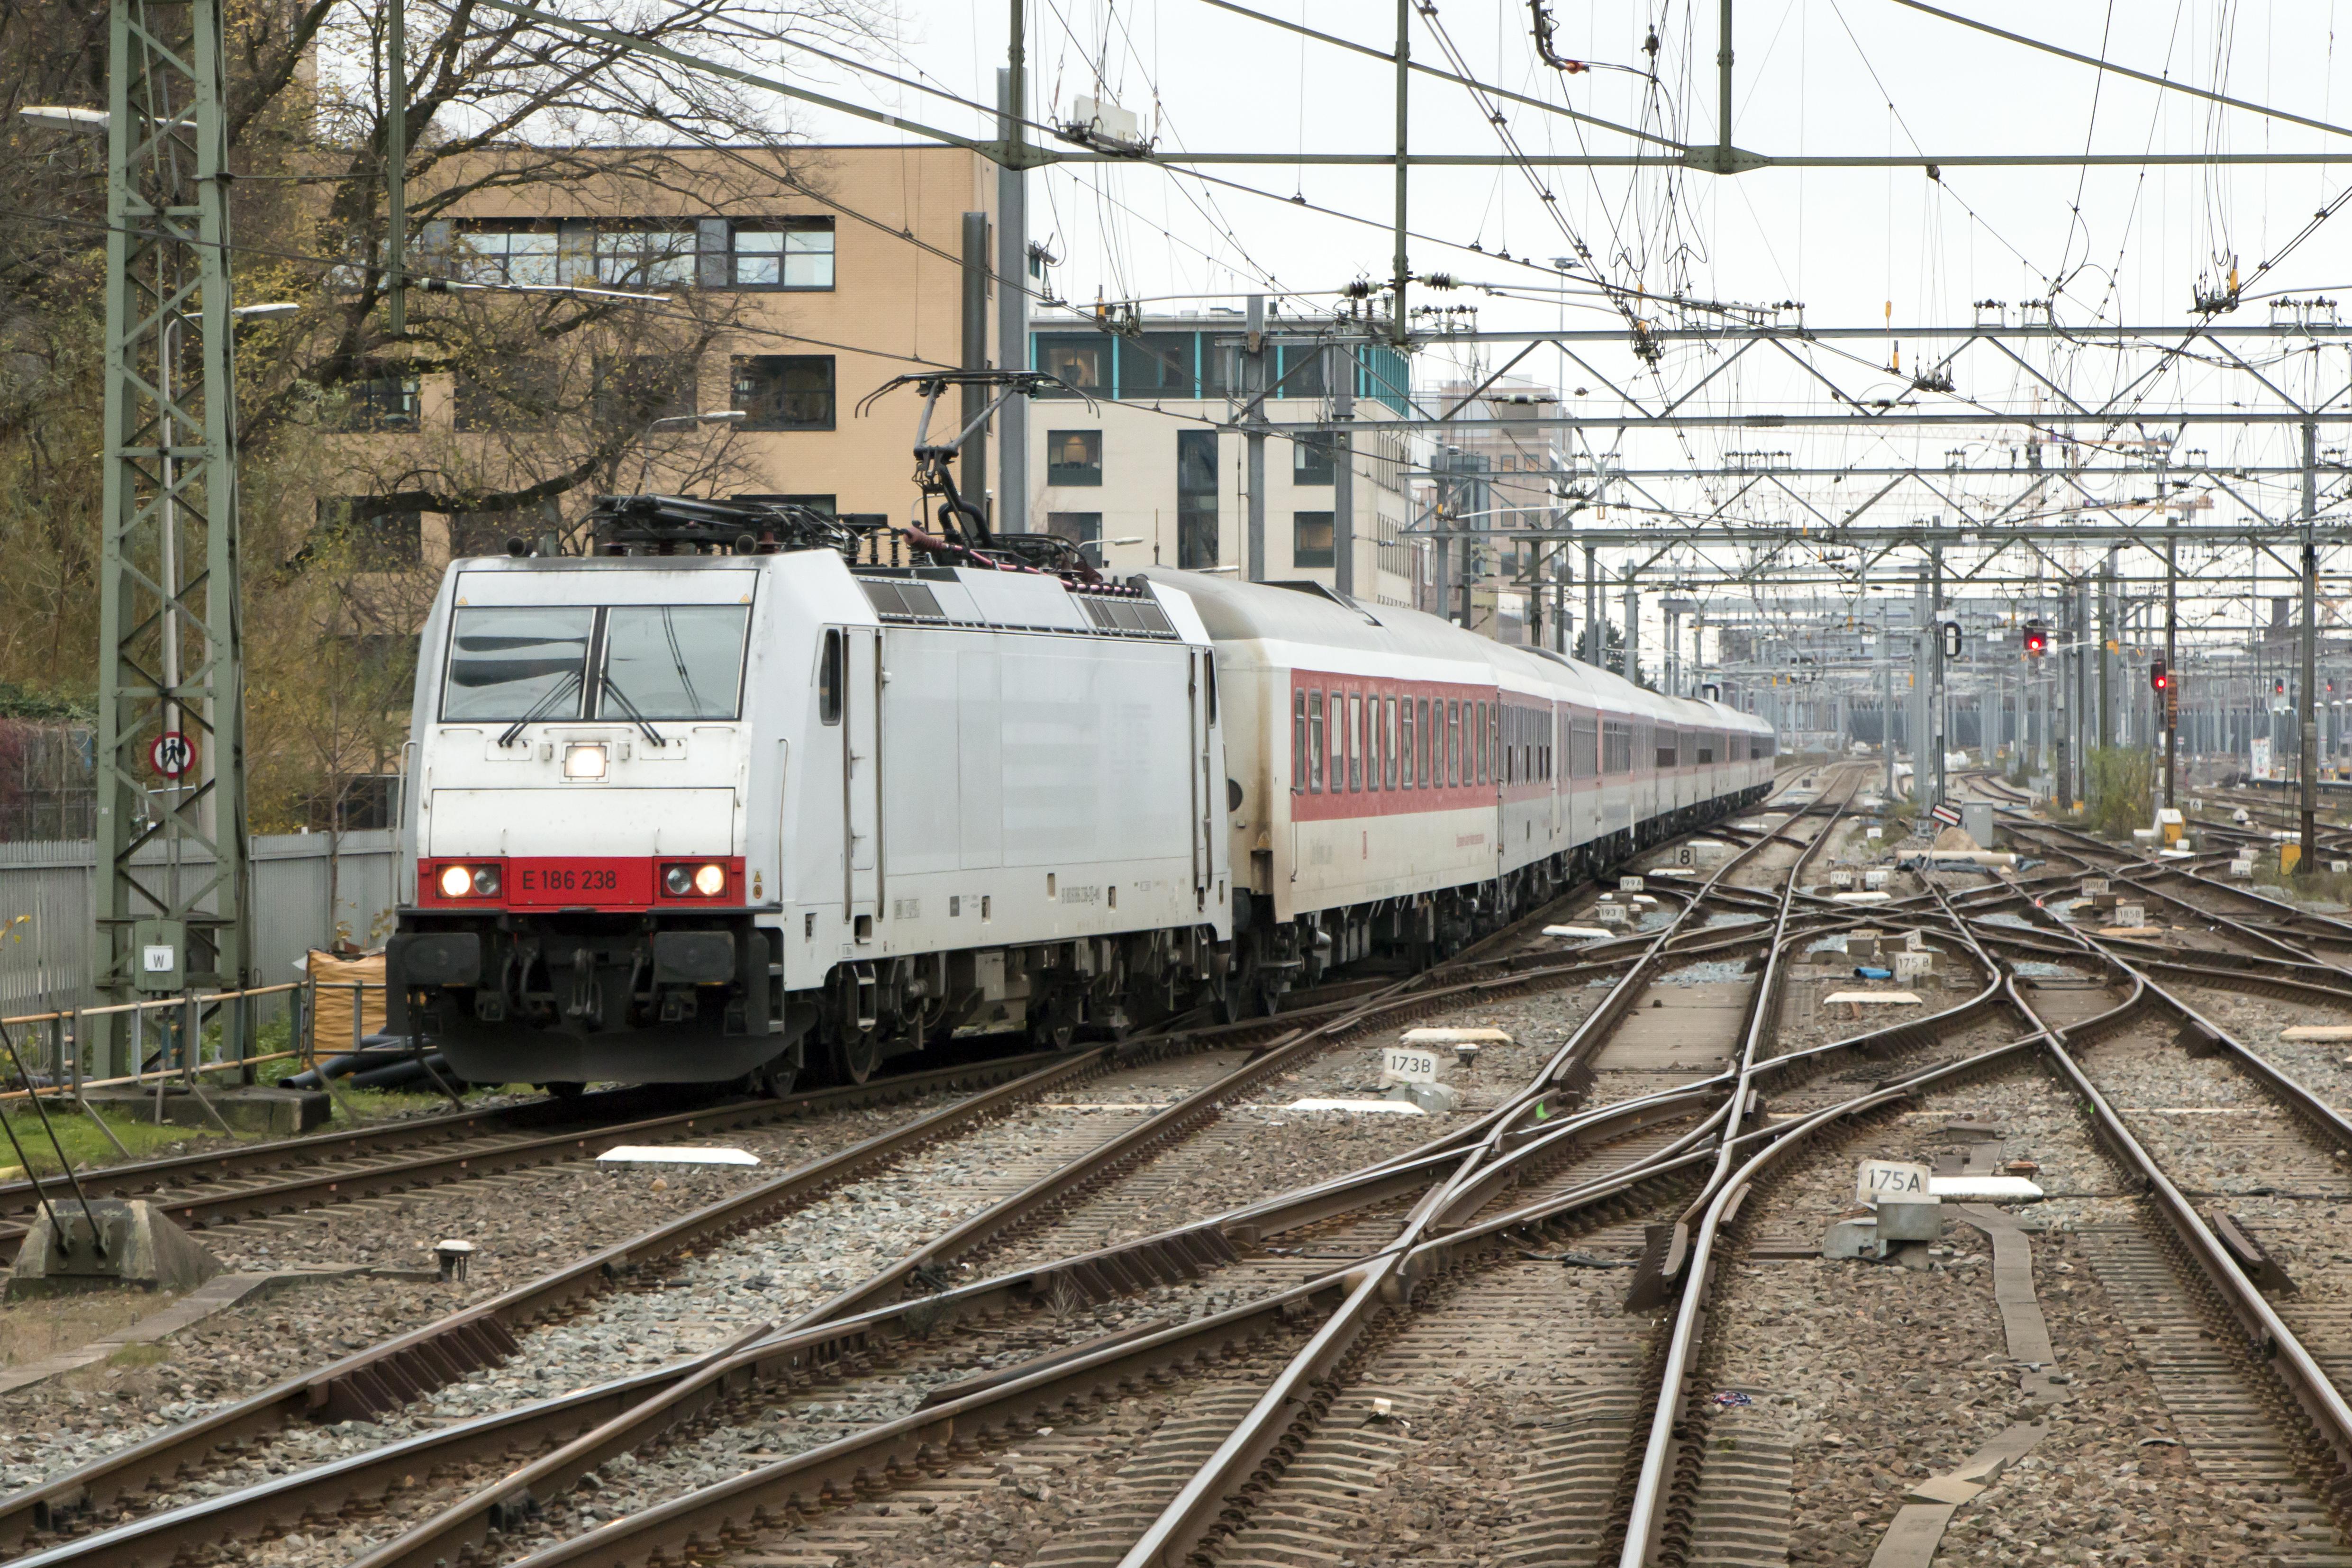 Laatste Nachttrein Uit Nederland Op 9 December Noord West Express